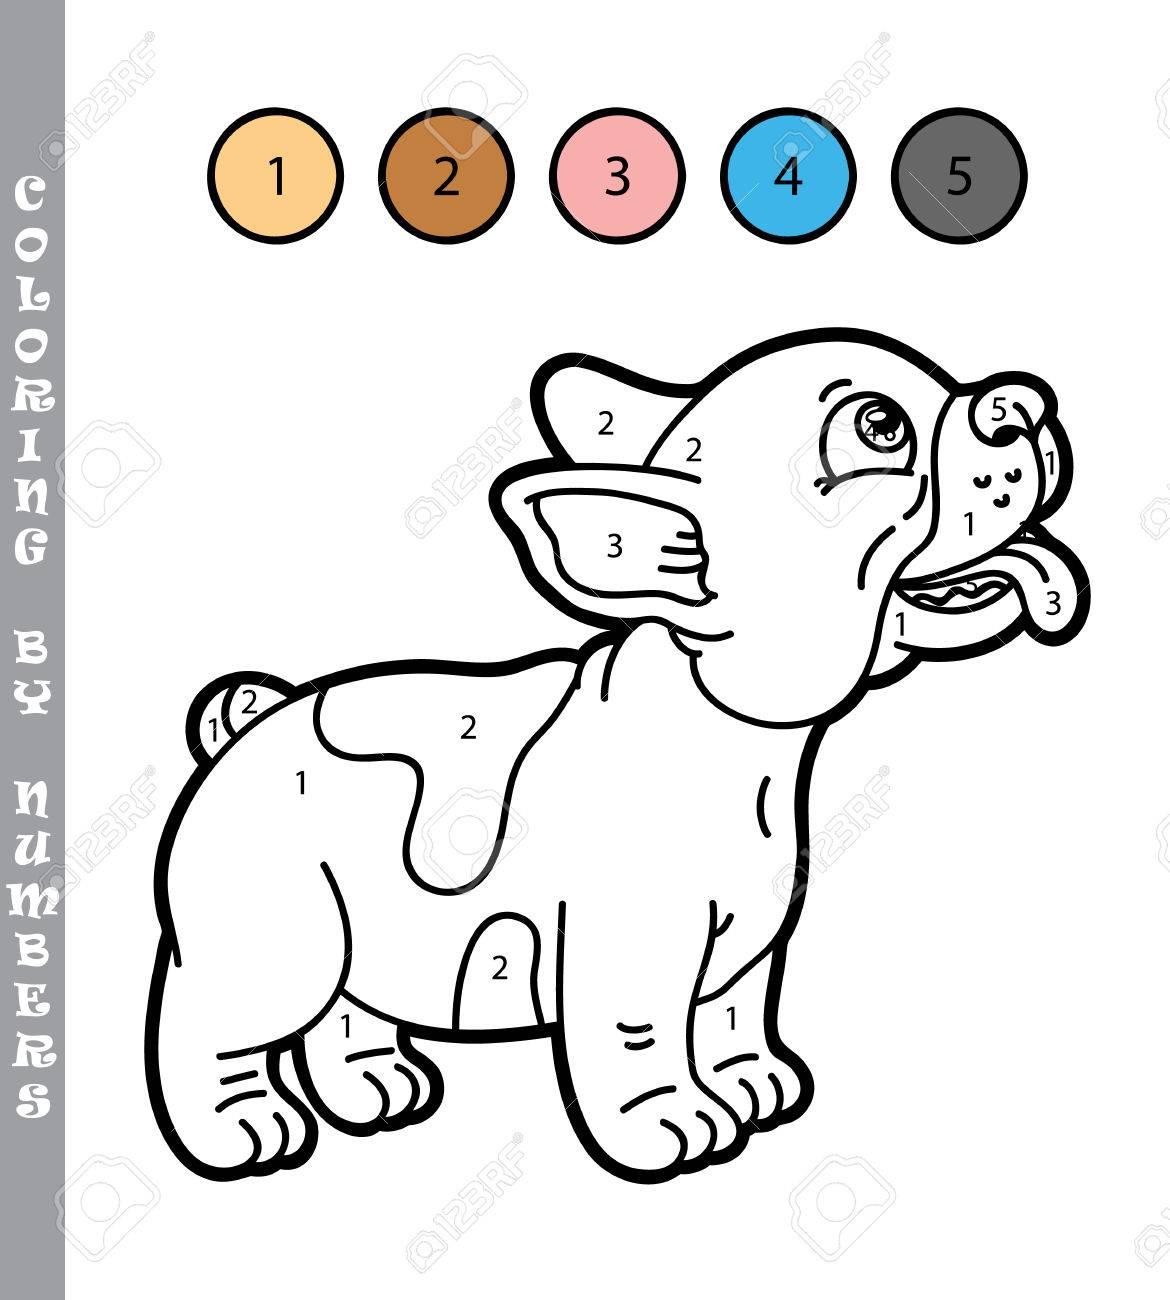 Divertido Juego De Colorear Cachorro. Ilustración Vectorial Para ...